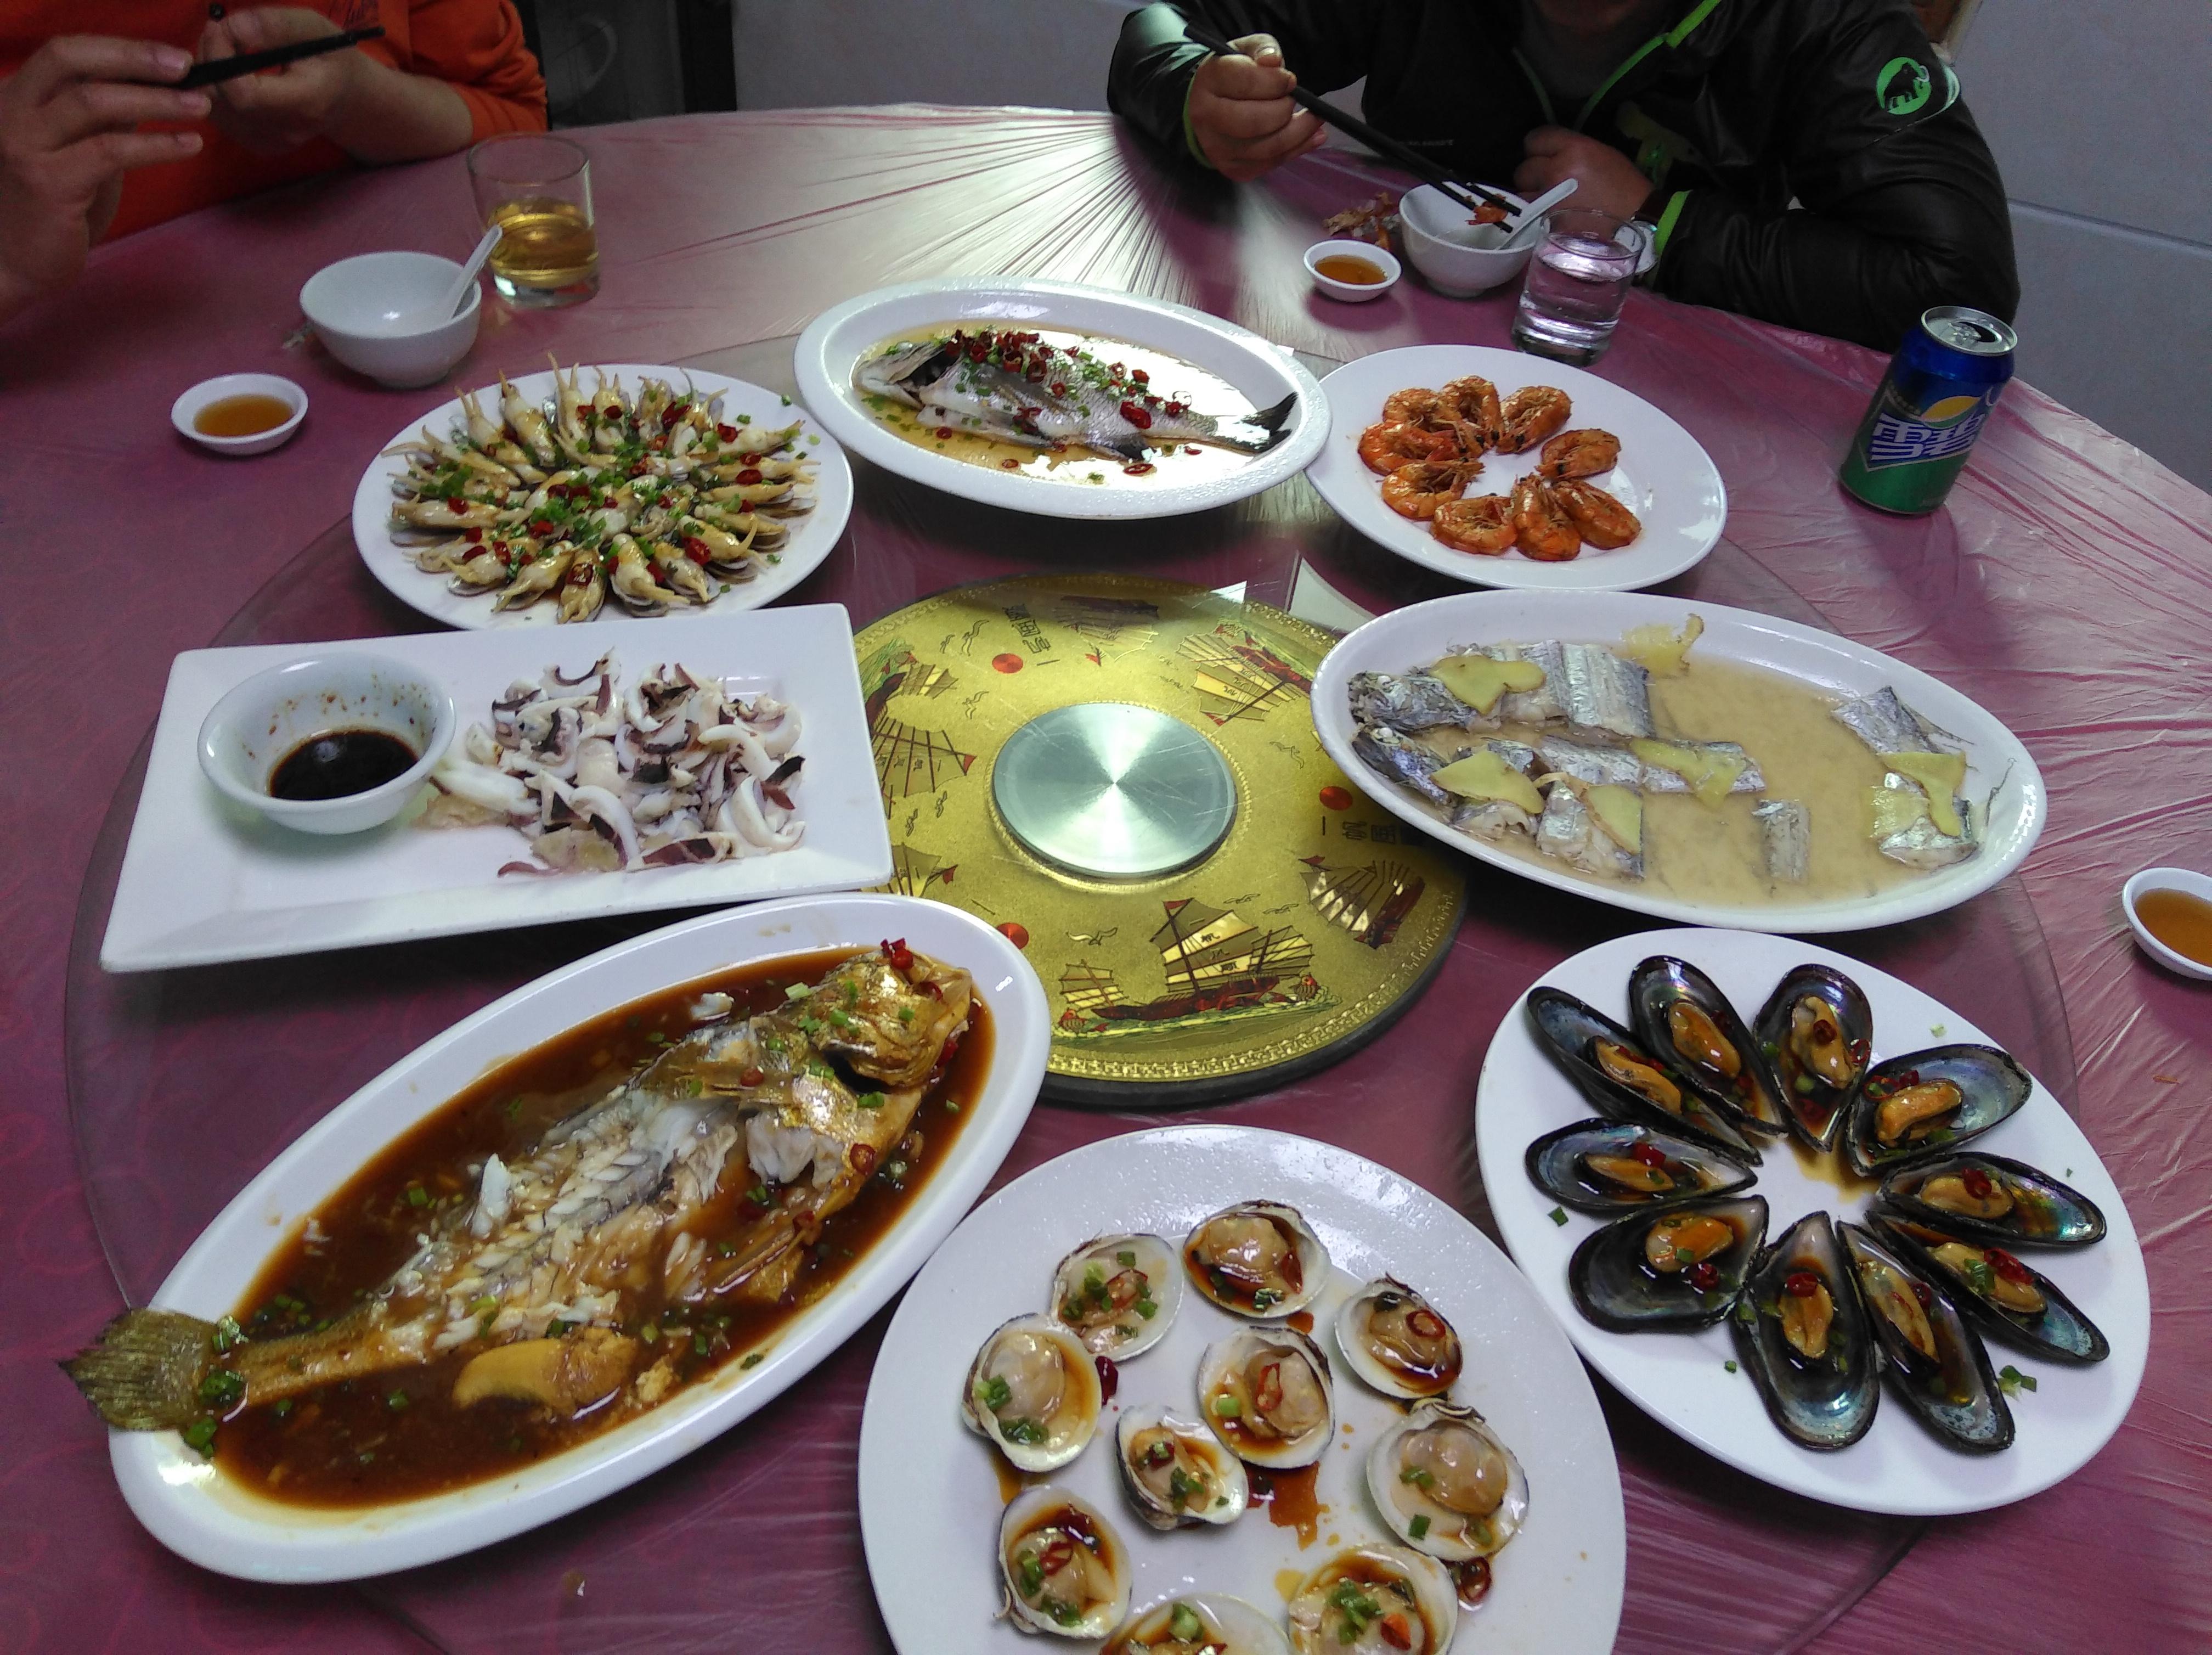 嵊泗列岛海鲜大餐杠杠滴,便宜味道还好,回味无穷,我下次还要来